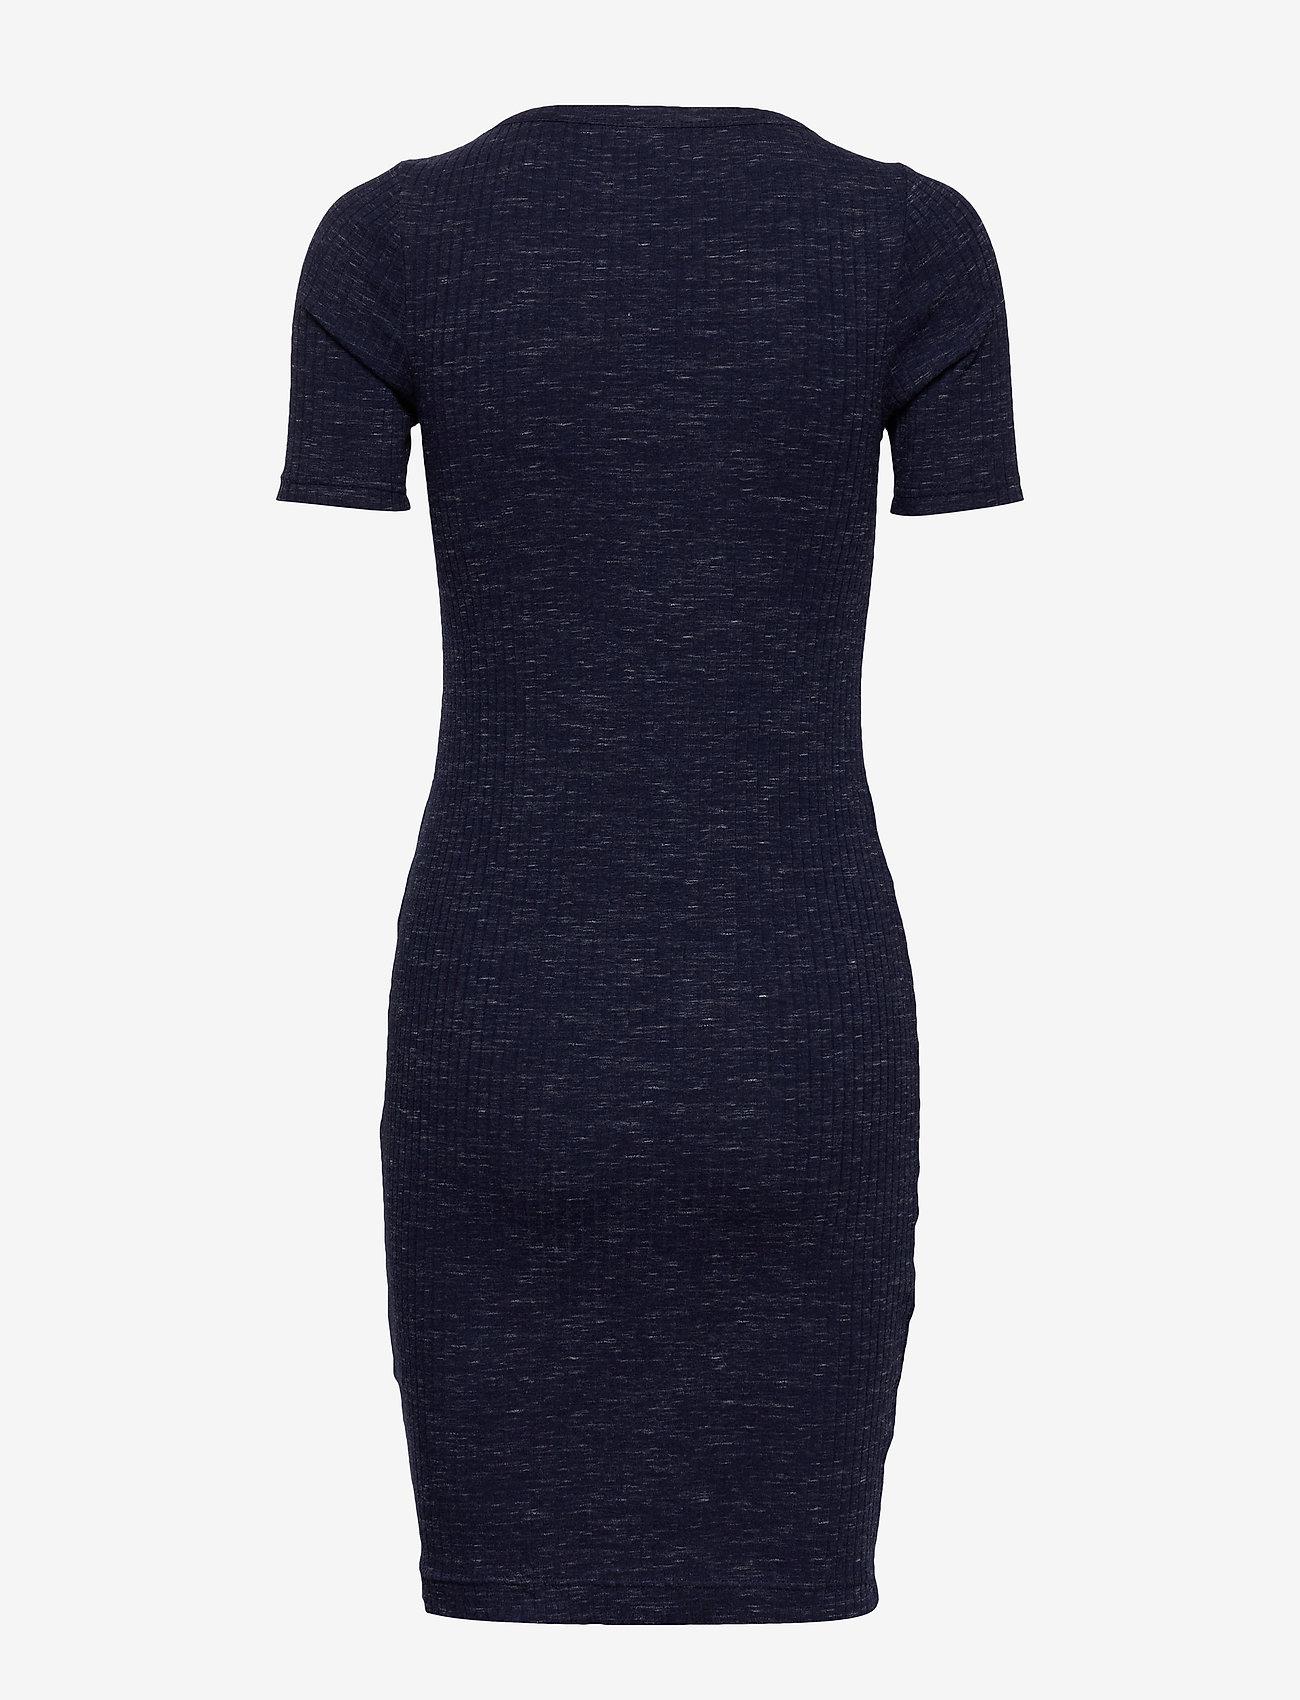 Banana Republic Spacedye Ribbed V-Neck T-Shirt Dress - Sukienki INDIGO - Kobiety Odzież.